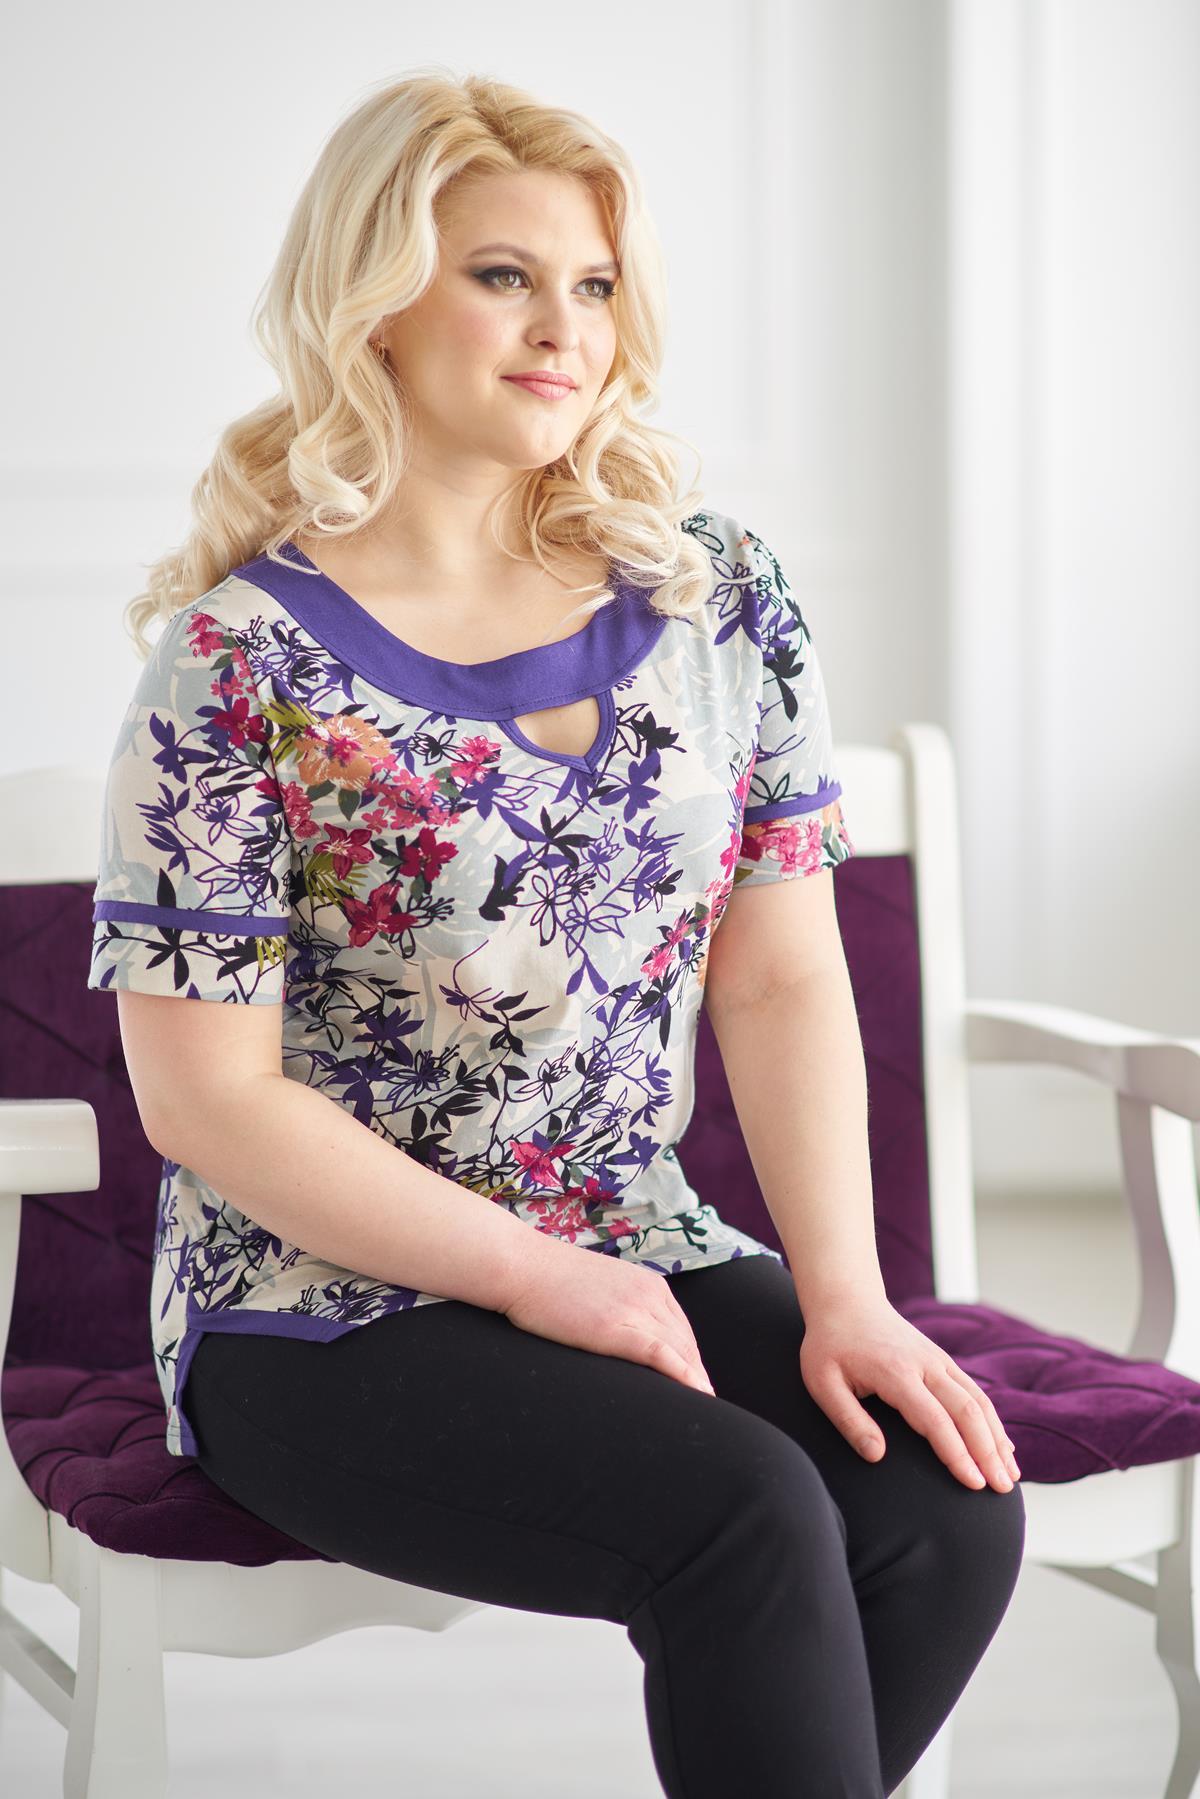 Жен. блуза арт. 19-0146 Фиолетовый р. 60Майки и футболки<br>Факт. обхваты: Будут добавлены в ближайшее время<br><br>Тип: Жен. блуза<br>Размер: 60<br>Материал: Кулирка